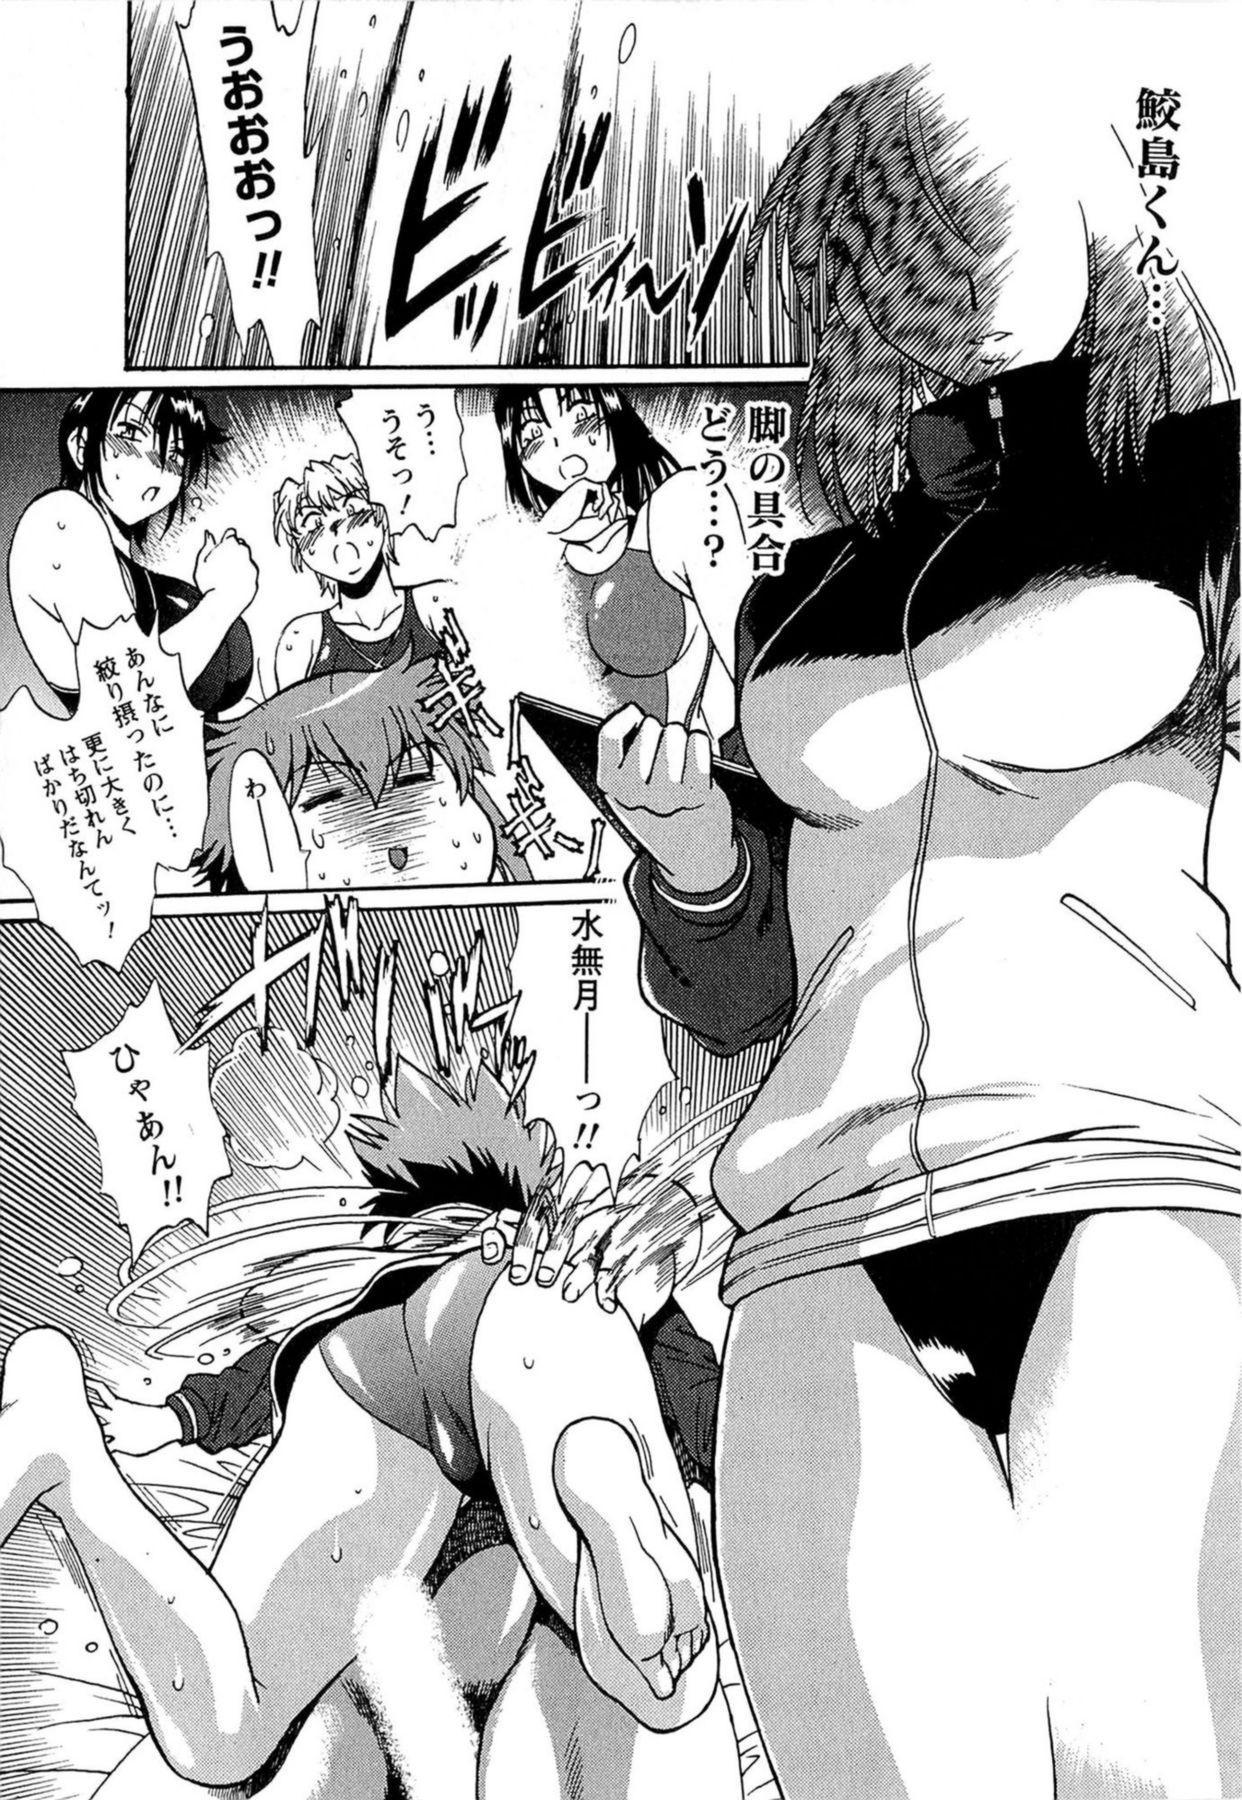 Kuikomi wo Naoshiteru Hima wa Nai! Vol. 1 151